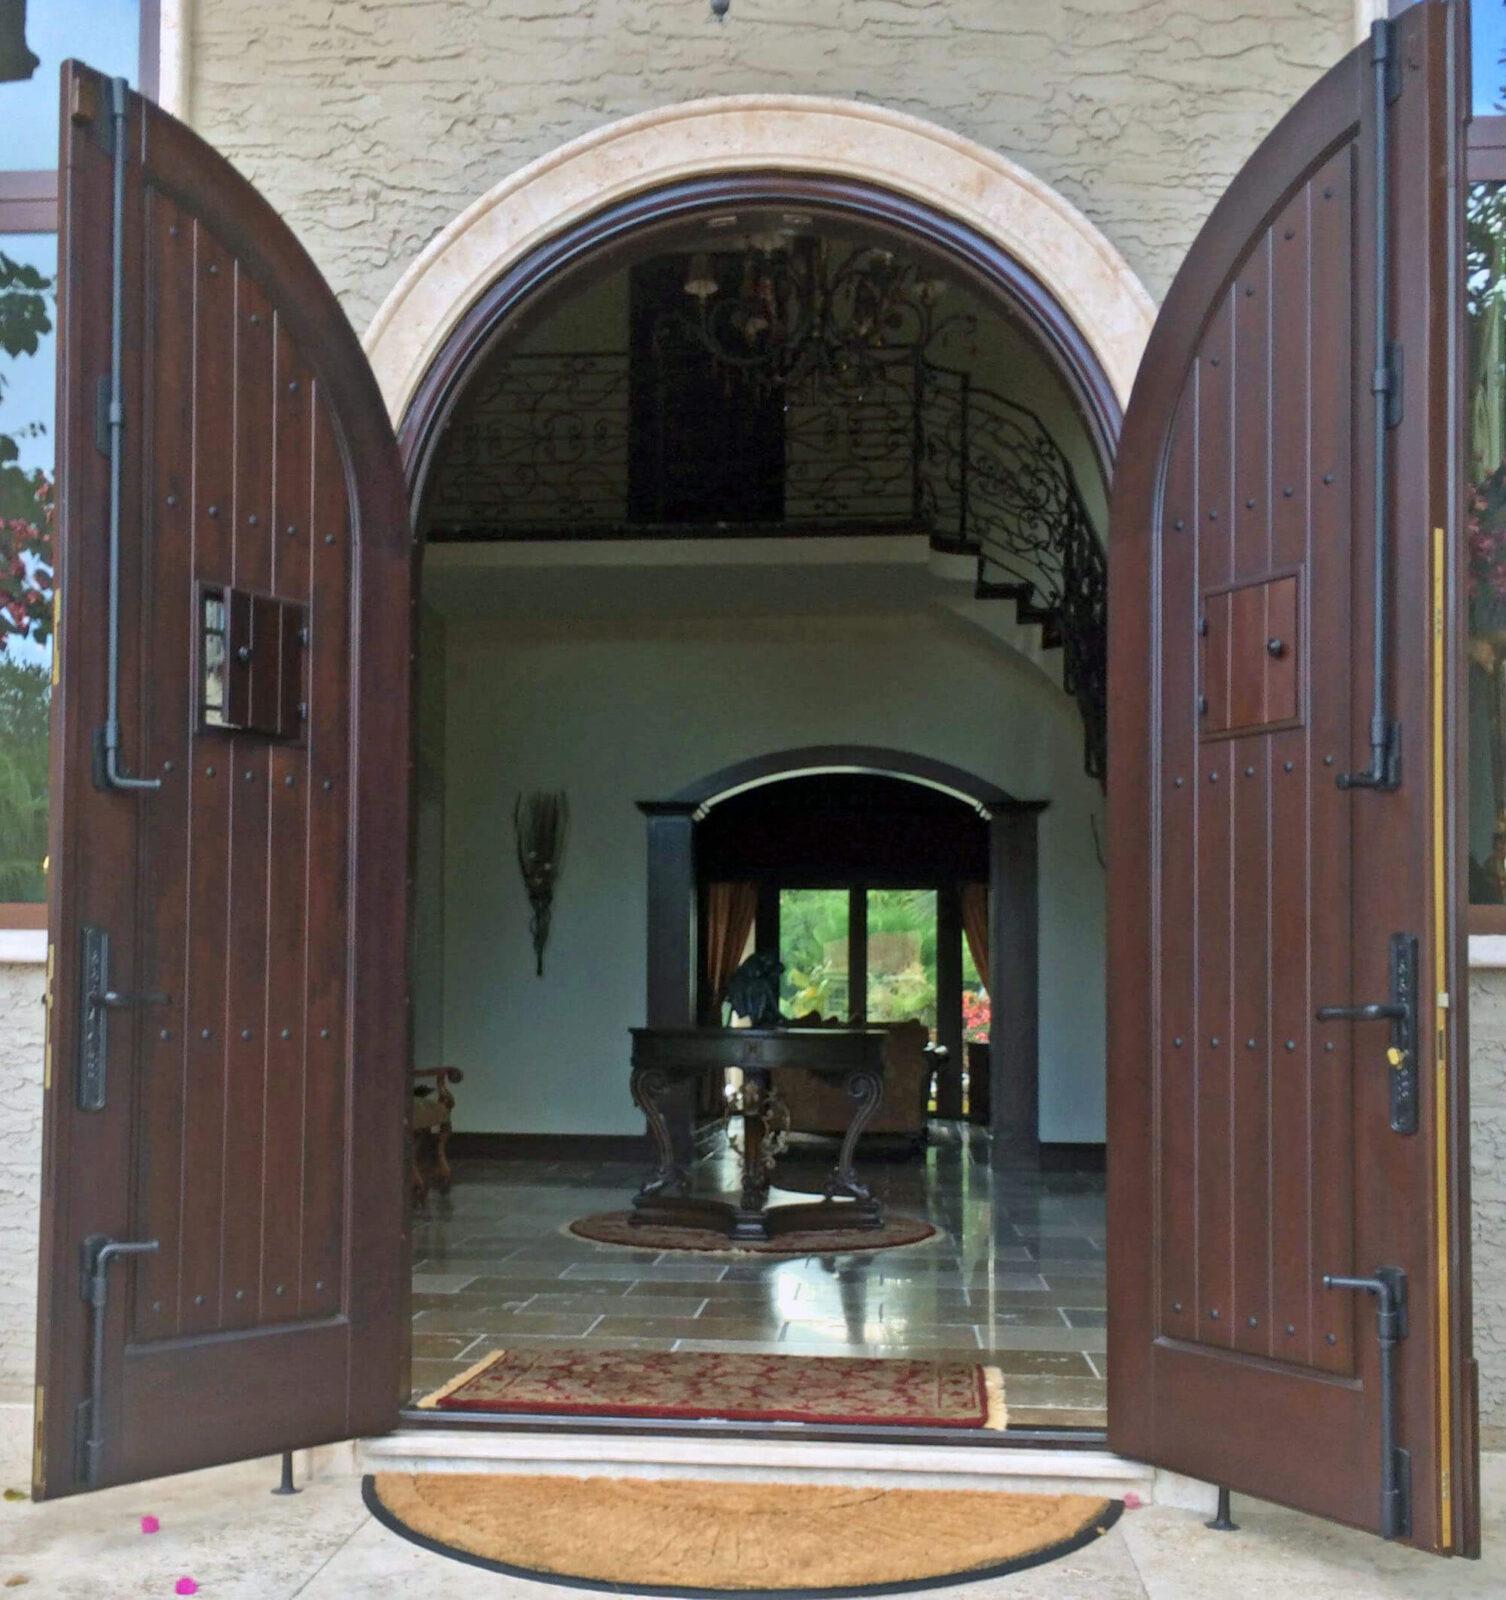 MORNINGSIDE MIAMI MAHOGANY ENTRANCE DOORS. INTERIOR VIEW.